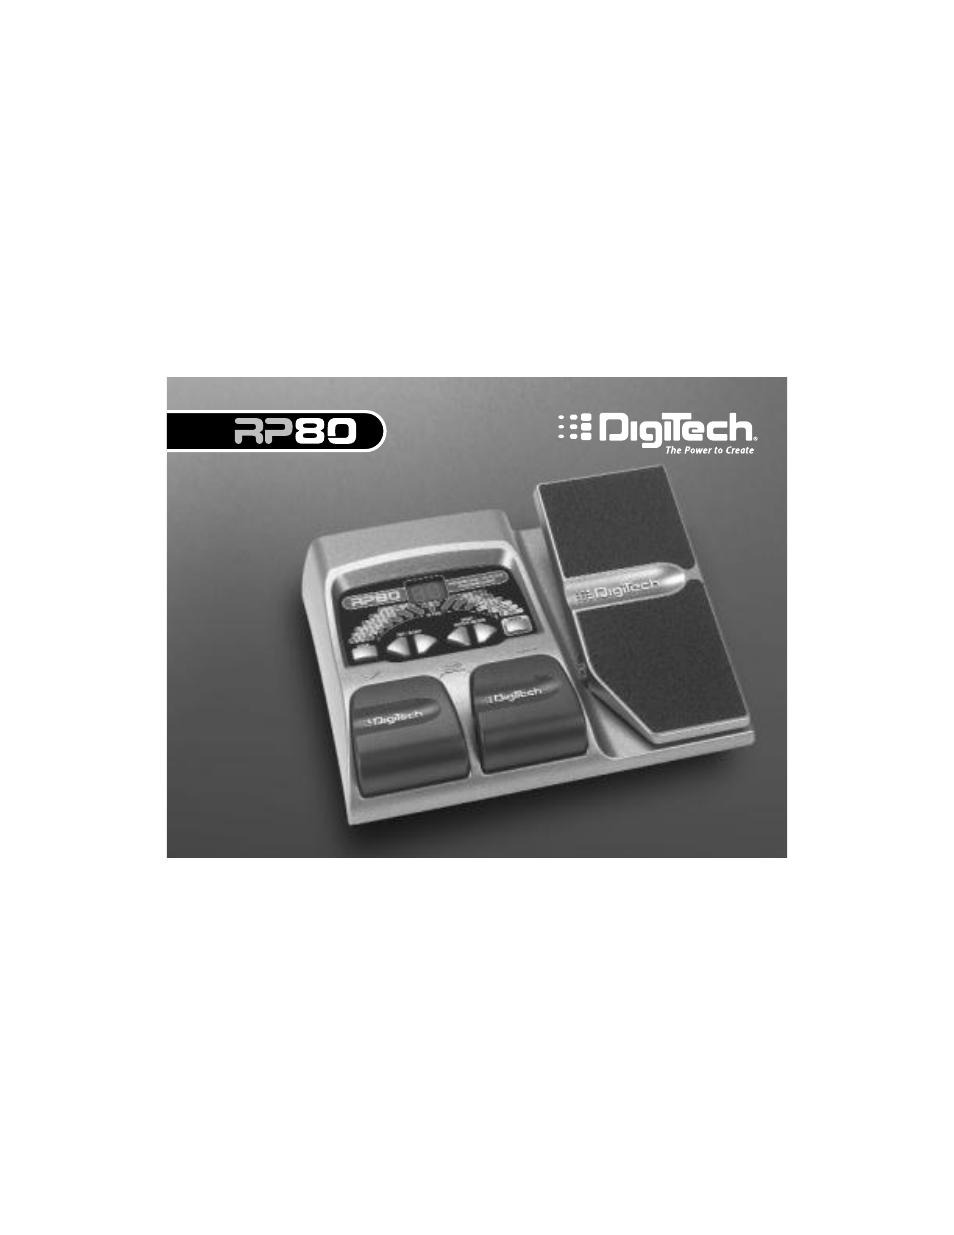 digitech rp80 user manual 32 pages rh manualsdir com Newest Digitech Effects Processor Rp 80 Digitech GNX 1